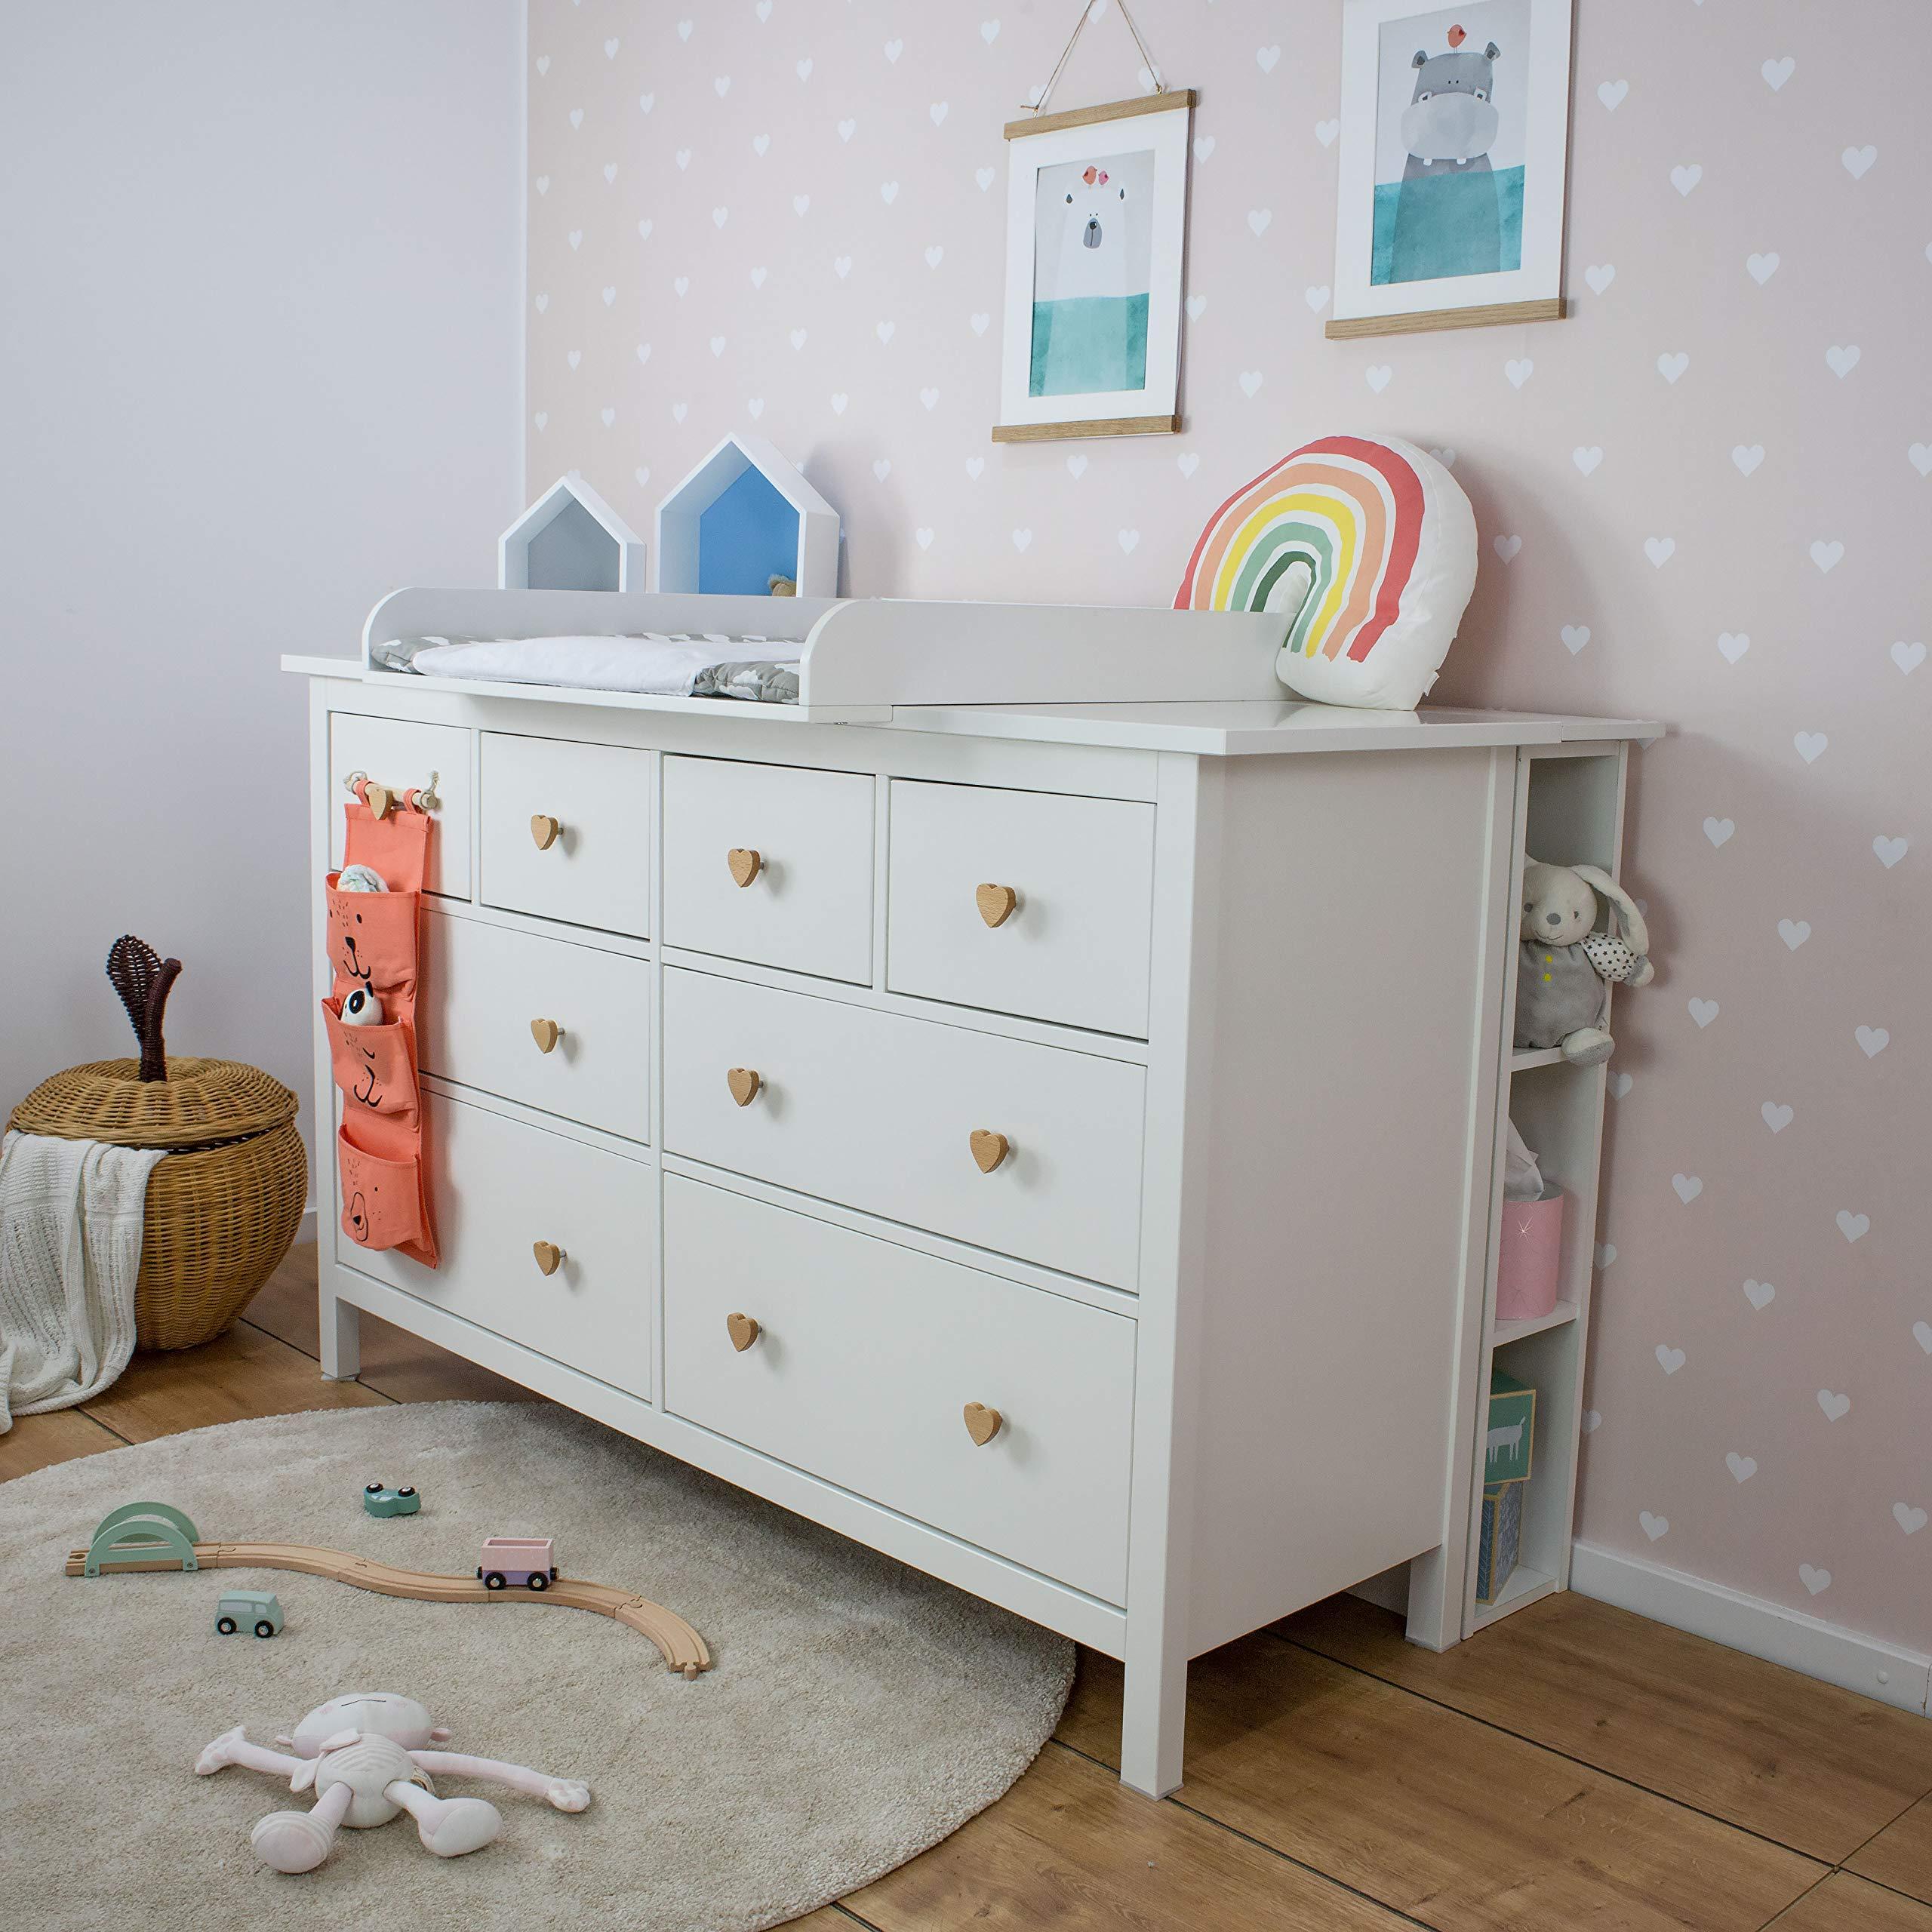 Puckdaddy La estante para IKEA Hemnes cómoda: Amazon.es: Hogar